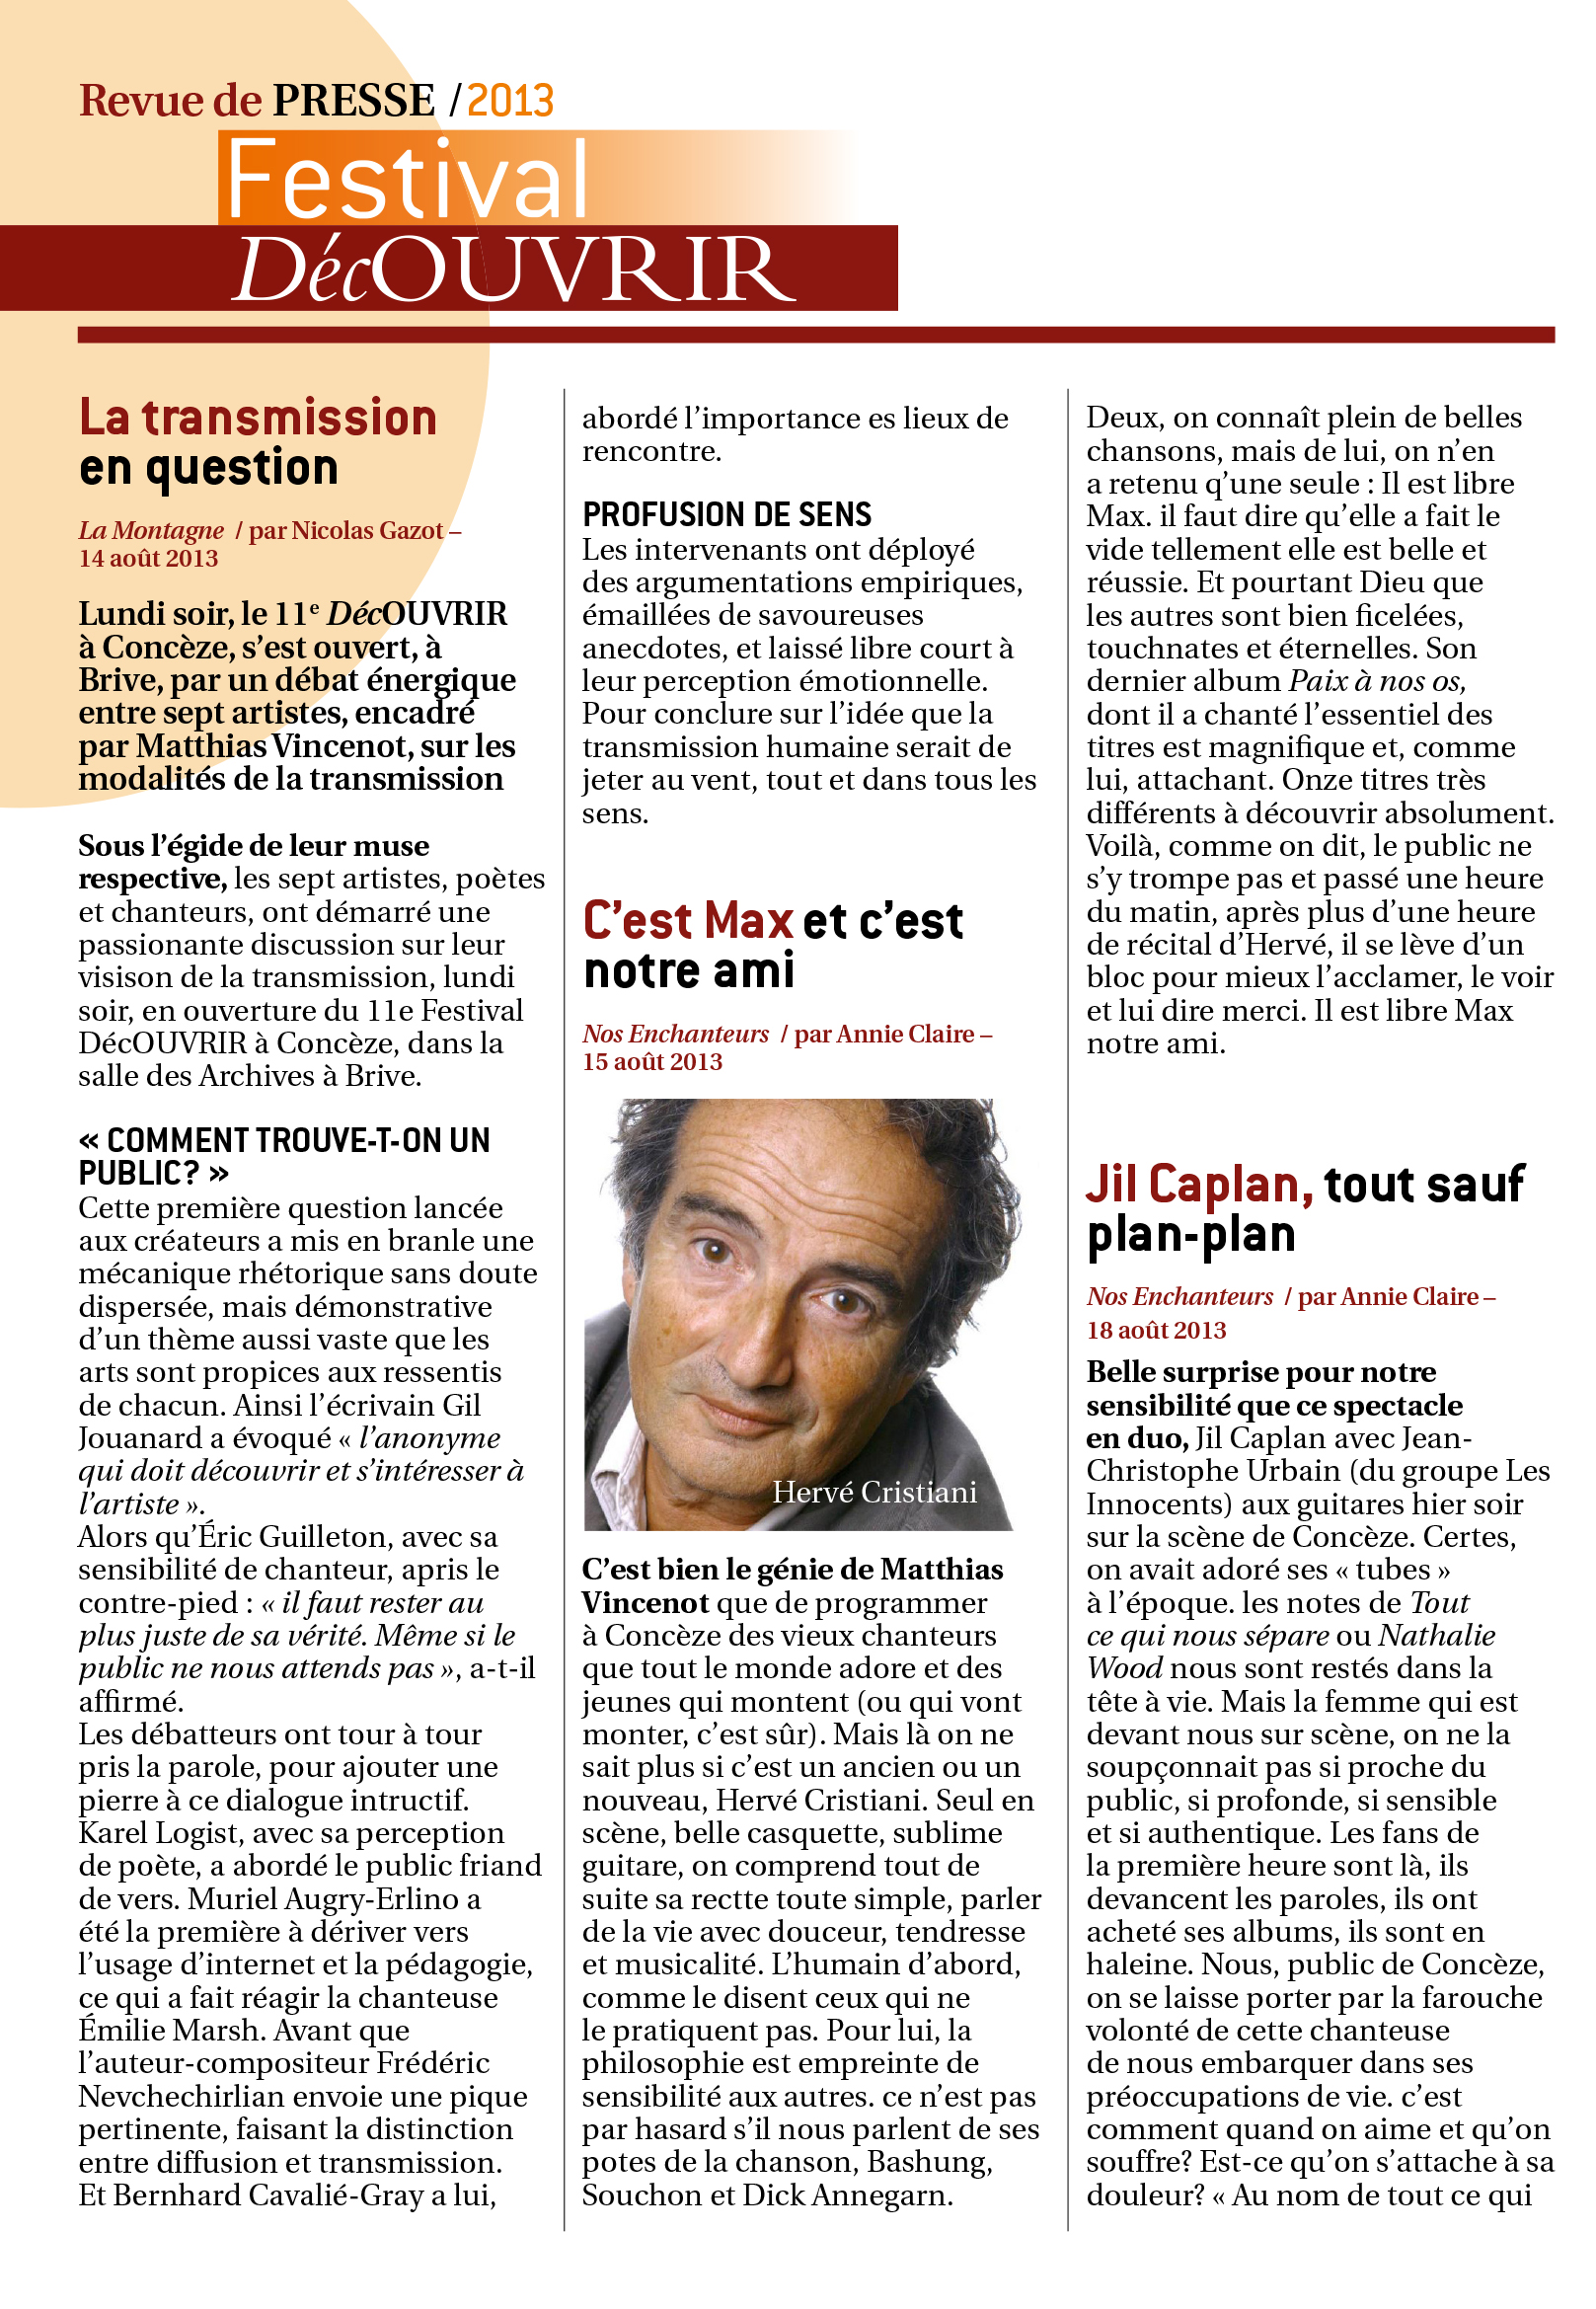 Revue de Presse FDC 2013-2